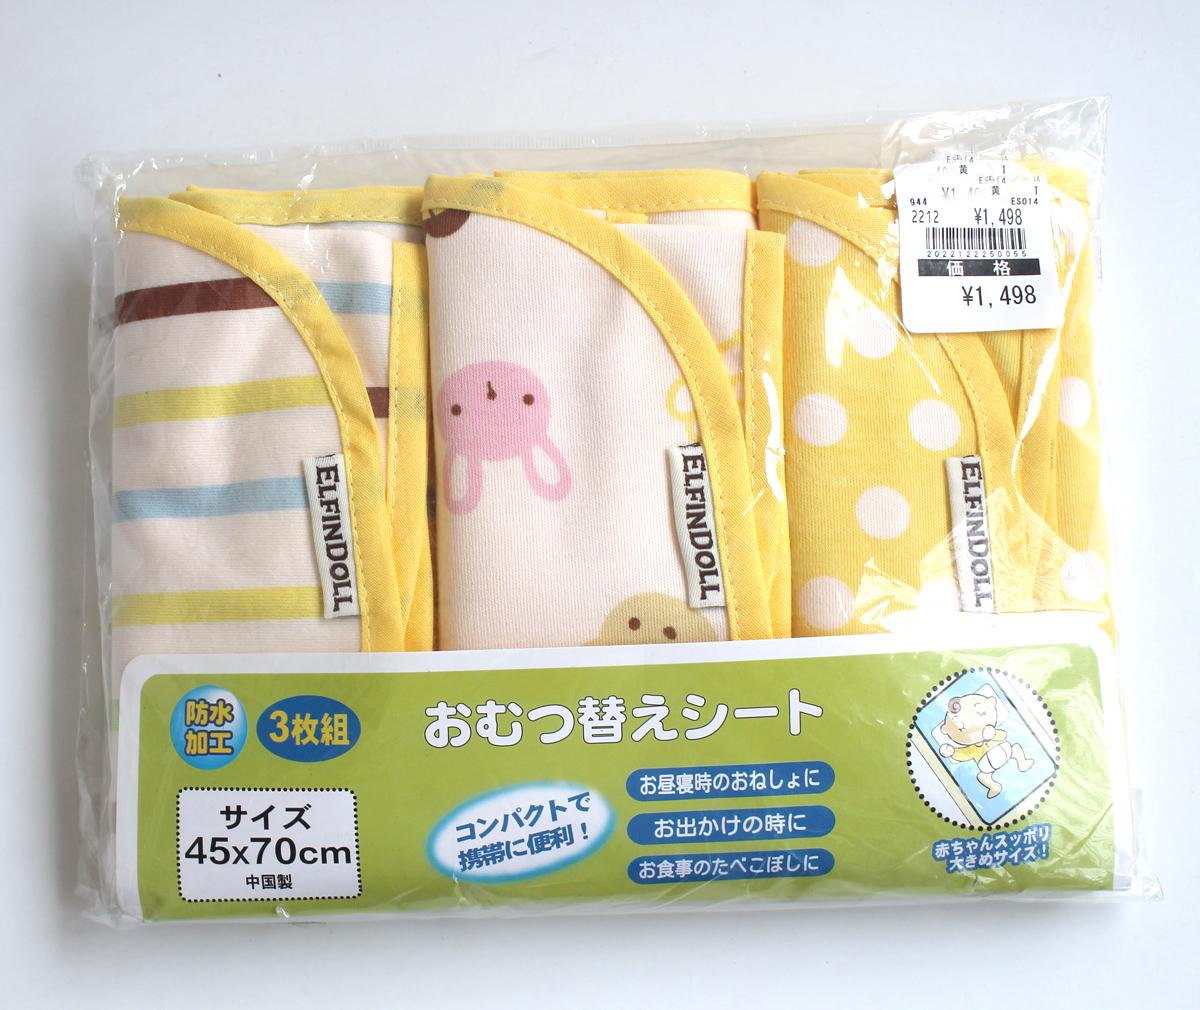 满42.00元可用1元优惠券出口日本婴儿可洗防水薄中号隔尿垫